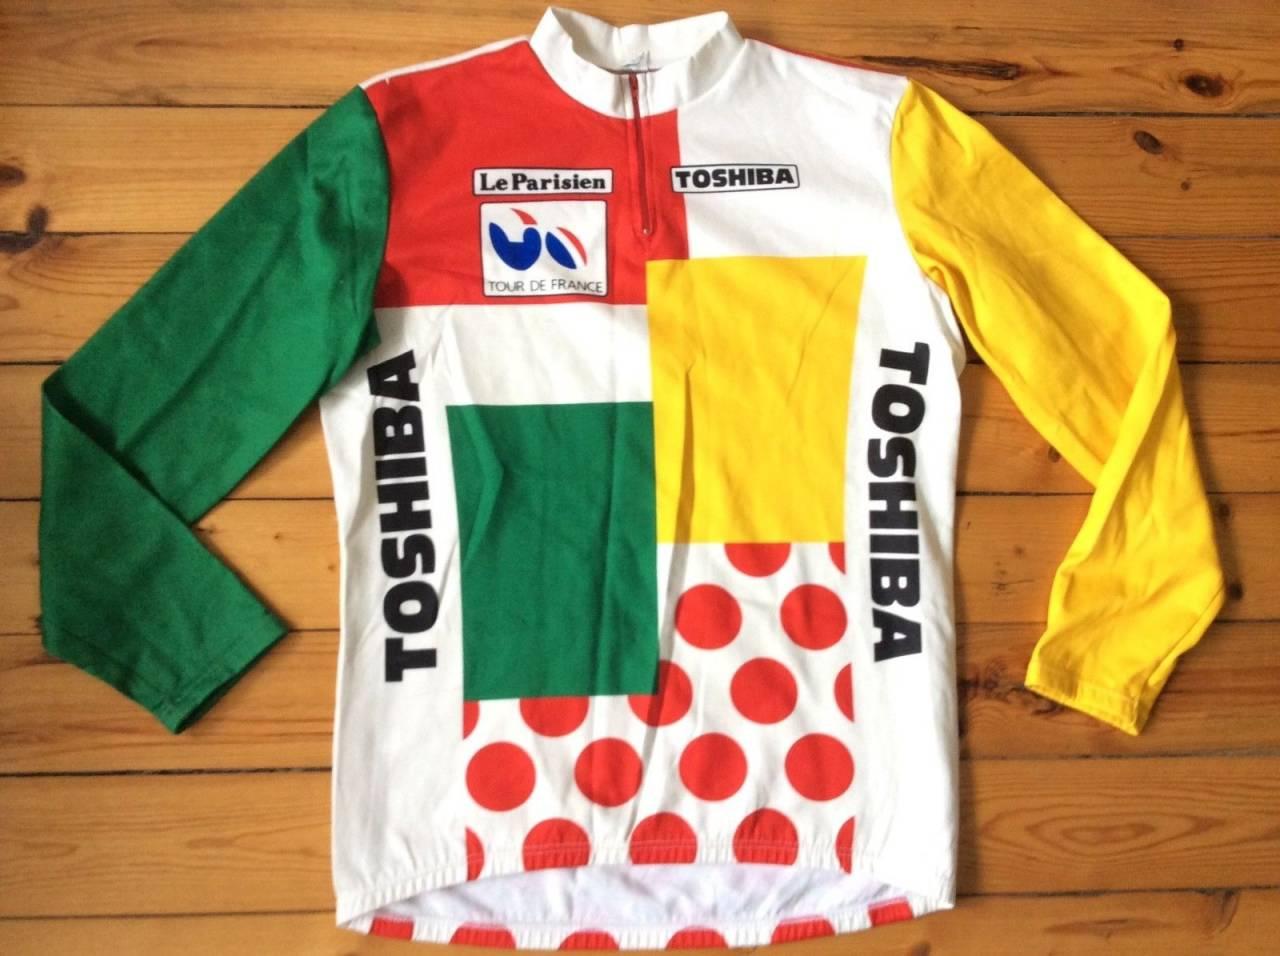 STYGG SAK: Dette var faktisk en trøye du kunne vinne i Tour de France, Bernard Hinault har eksempelvis båret den ved flere anledninger. Foto: Toshiba.